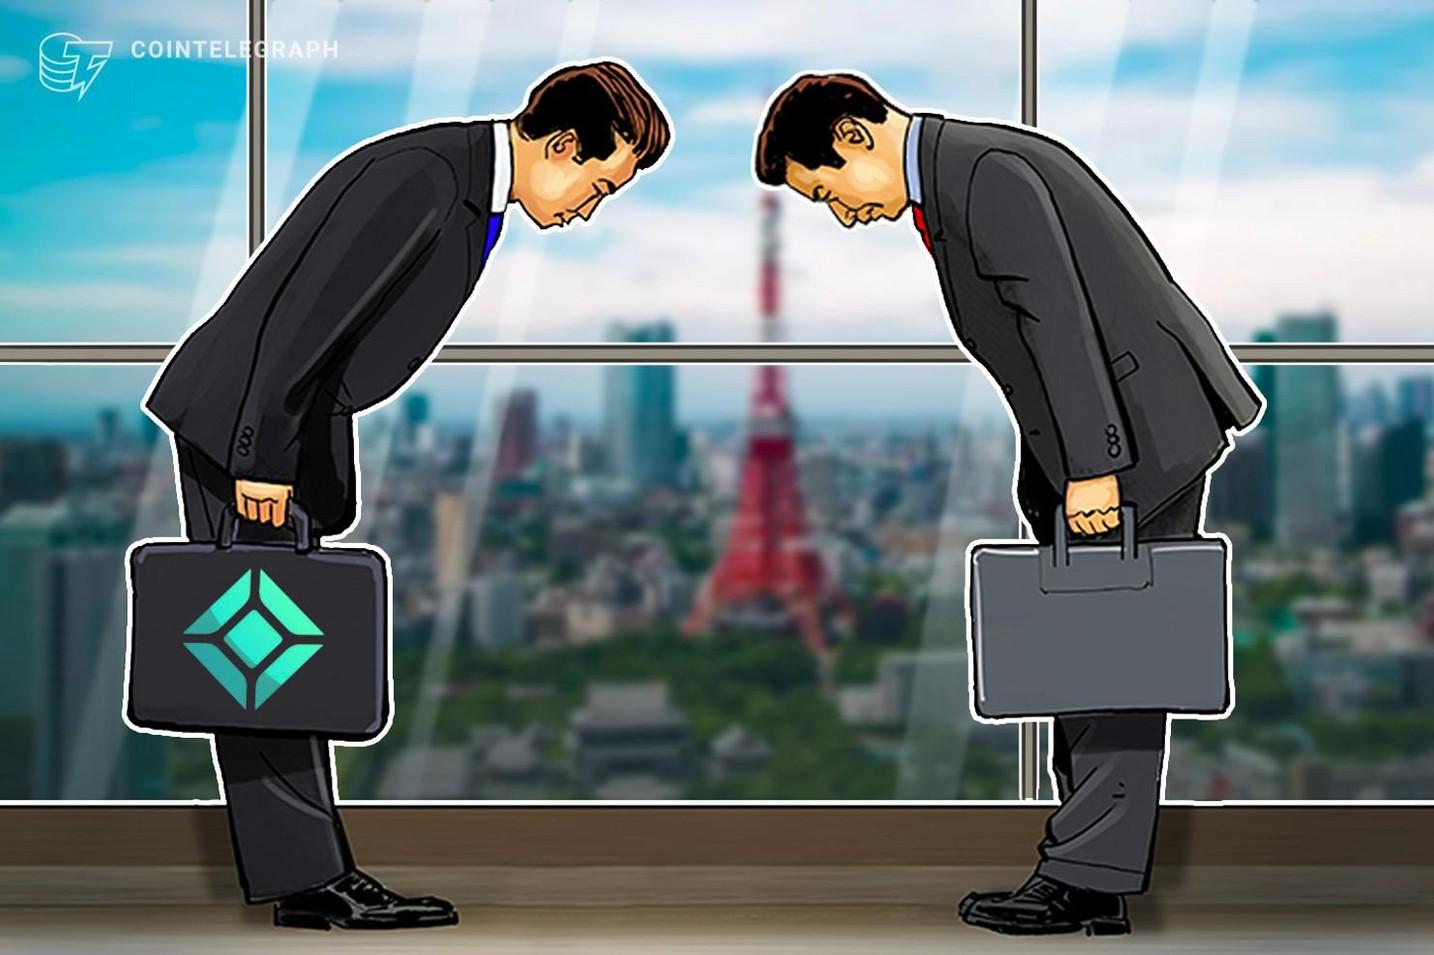 コインチェック、マクロミルの独自ポイントで仮想通貨交換可能に | ビットコインやイーサリアム、XRPが対象【追記】